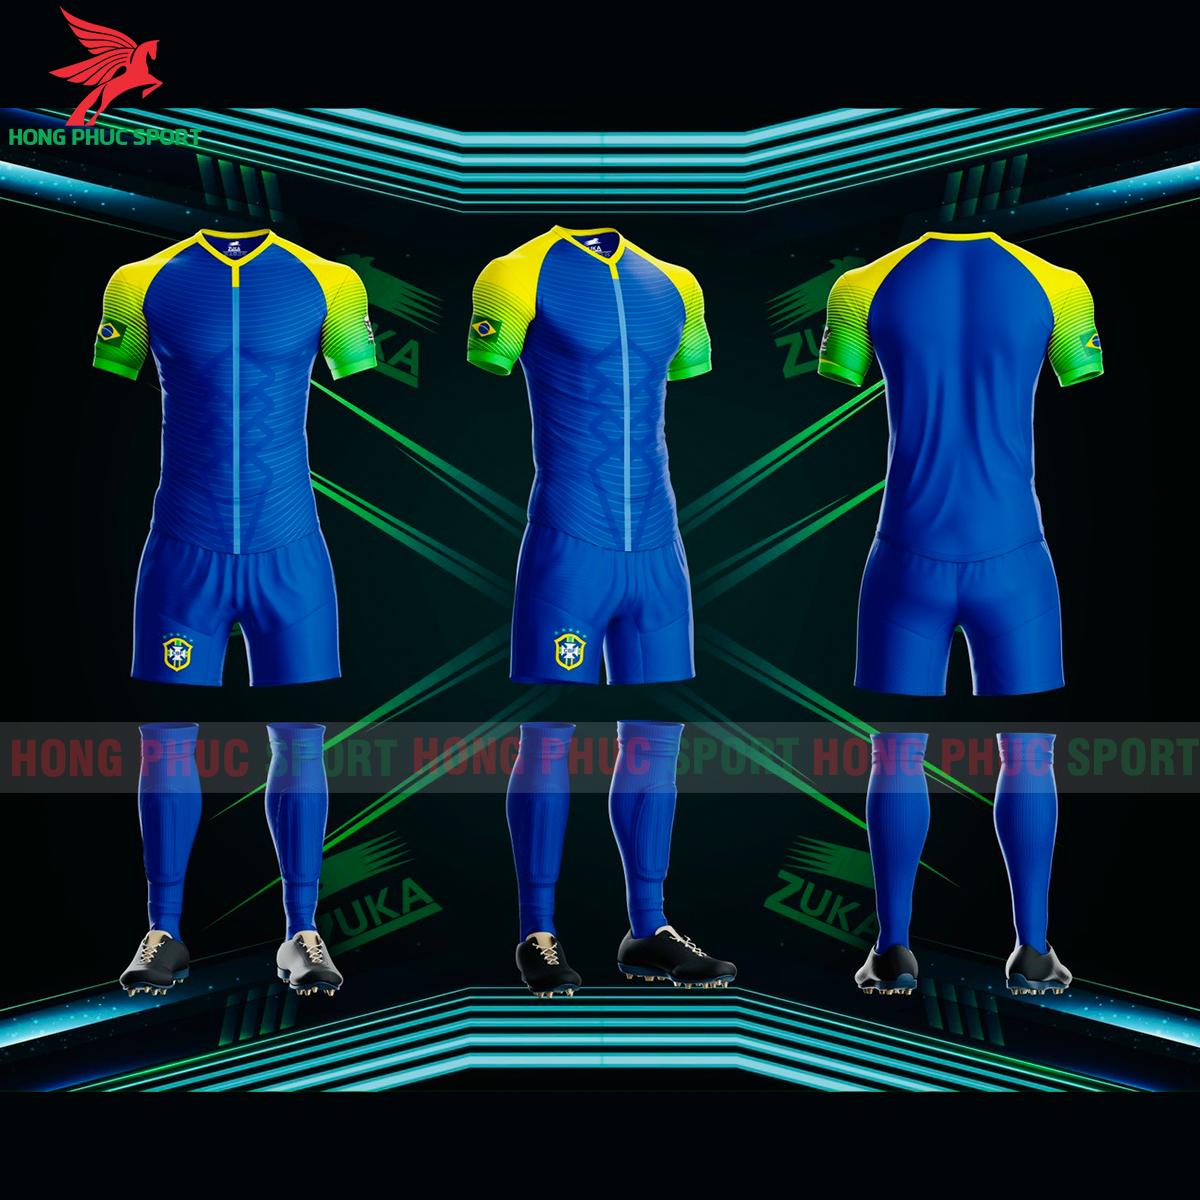 Áo đá banh Zuka tuyển BRAZIL phiên bản fan 3